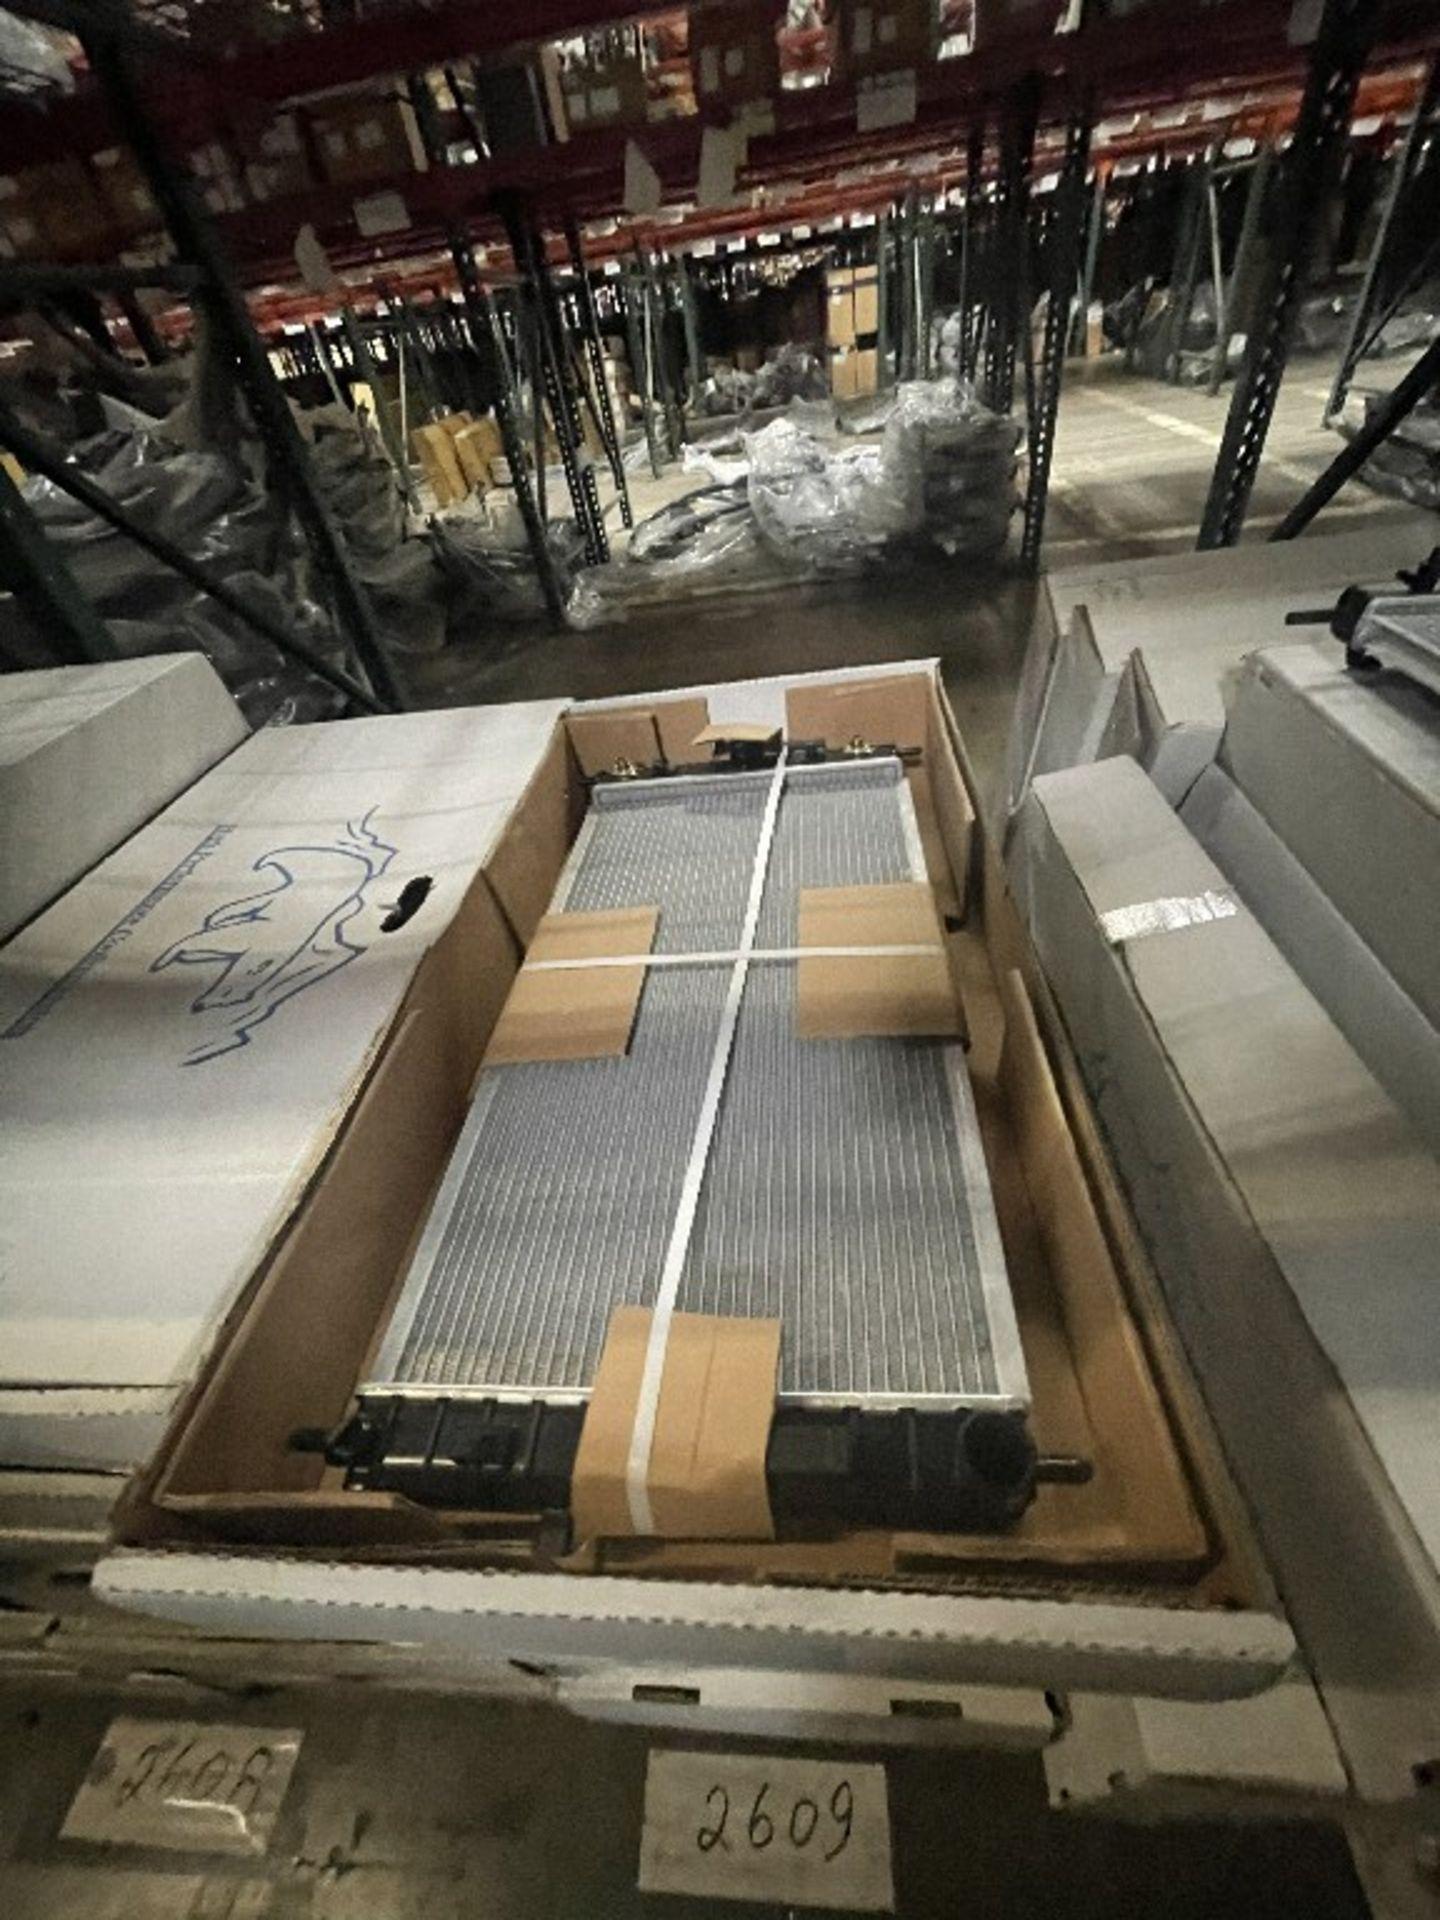 (1 SHLF & FLOOR) ASST RADIATORS DPI-2608, 2609 & + - Image 2 of 3